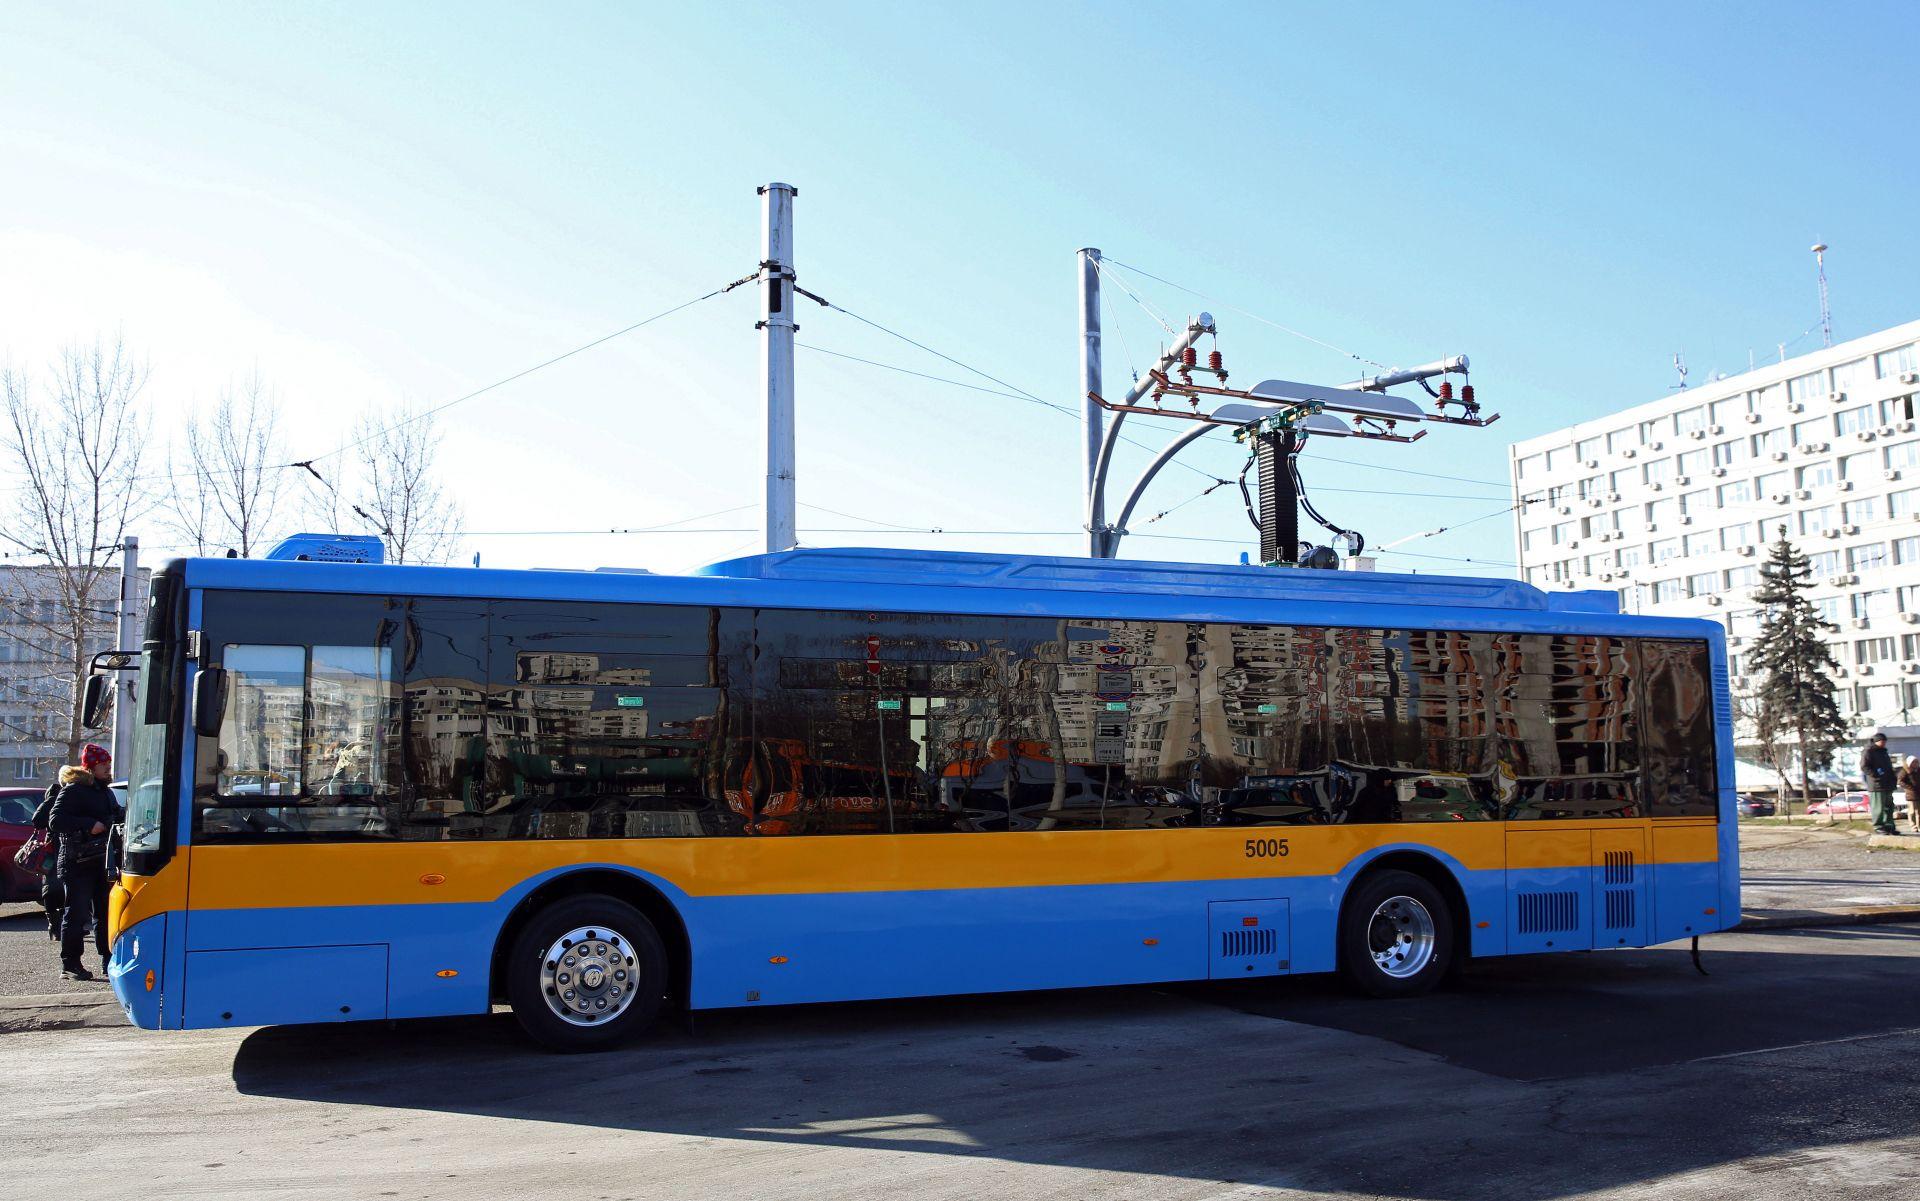 Електробусите доставени от консорциум Higer-Aowei потеглят по столичната линия 123